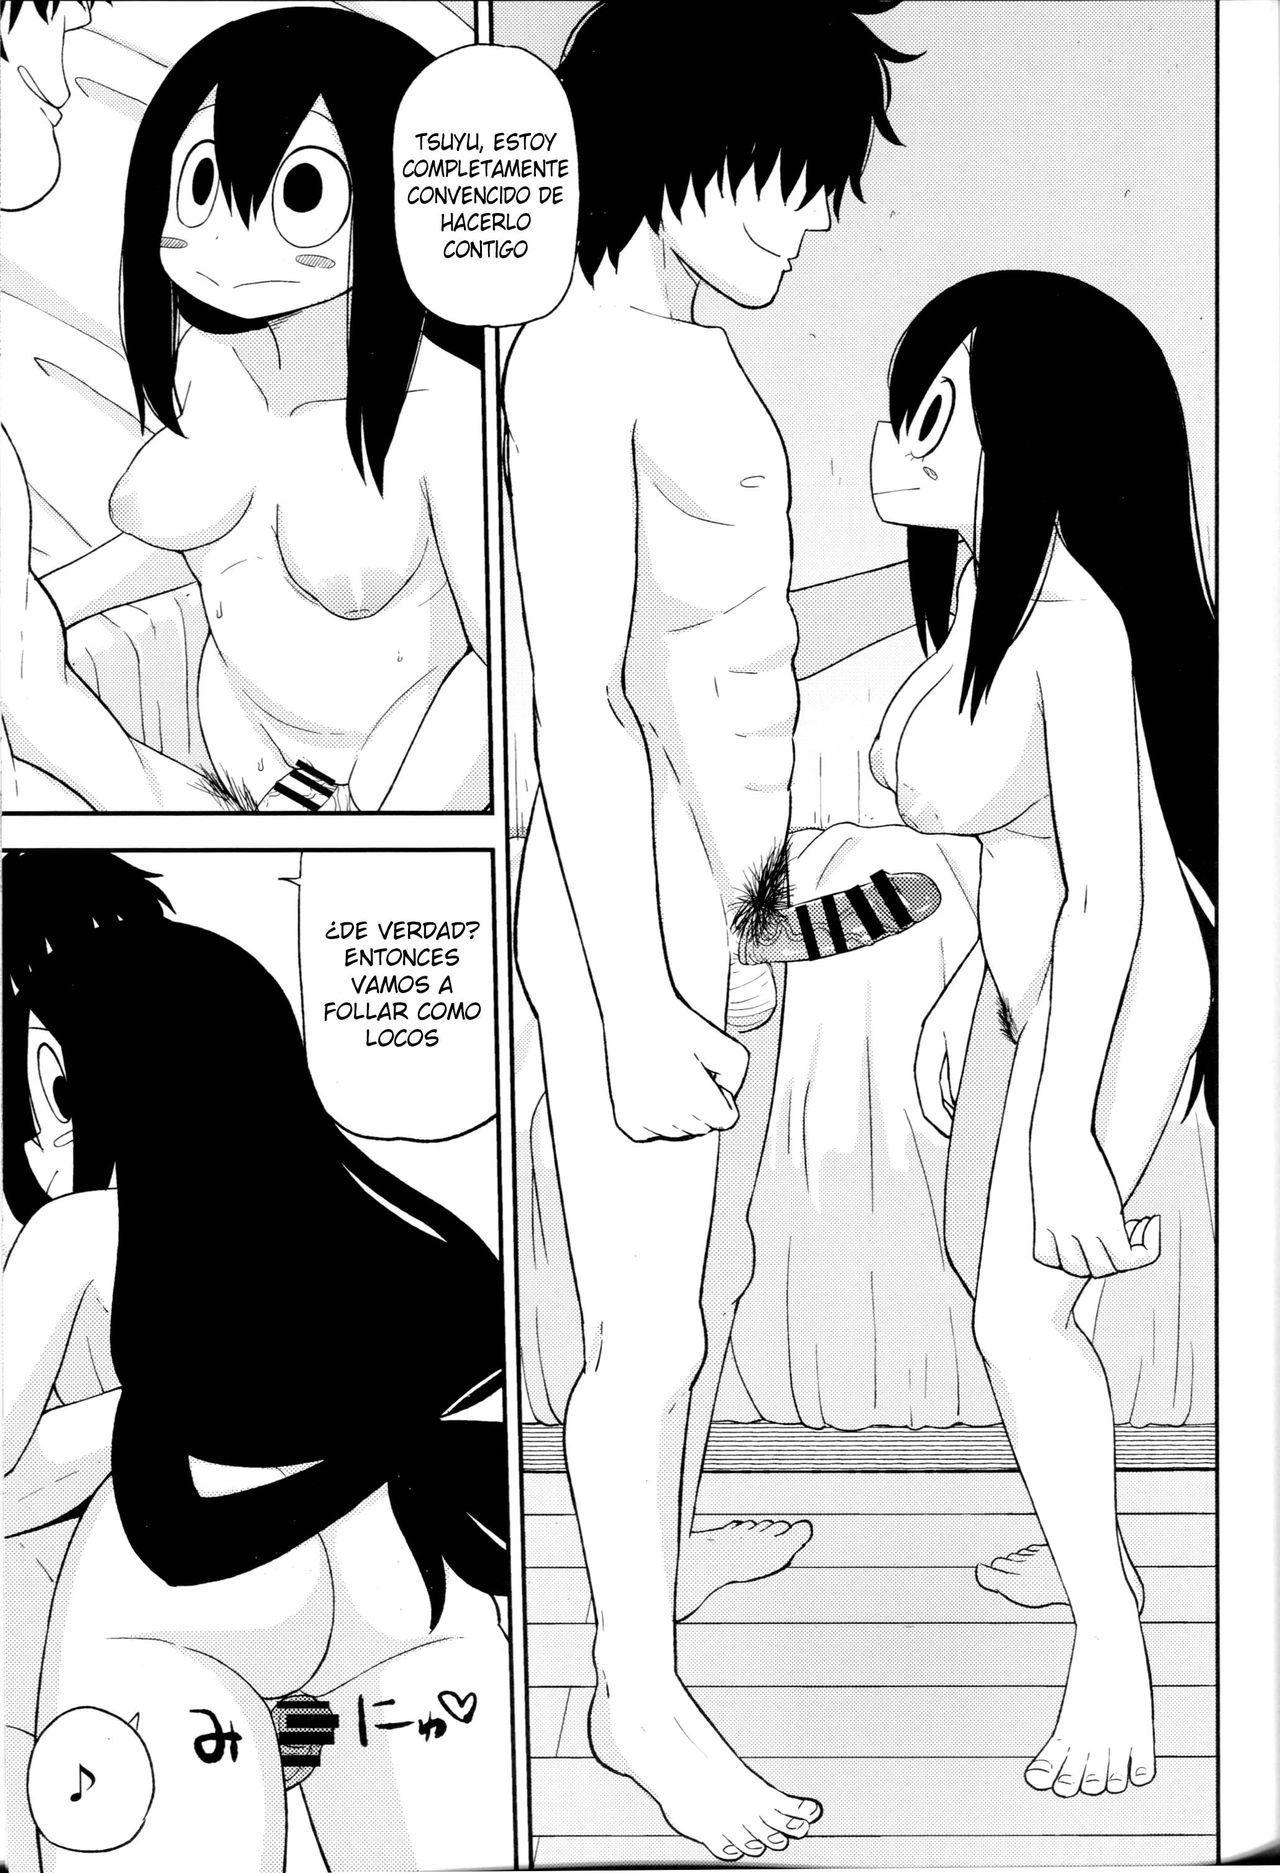 Tsuyu biyori hentai manga picture 15